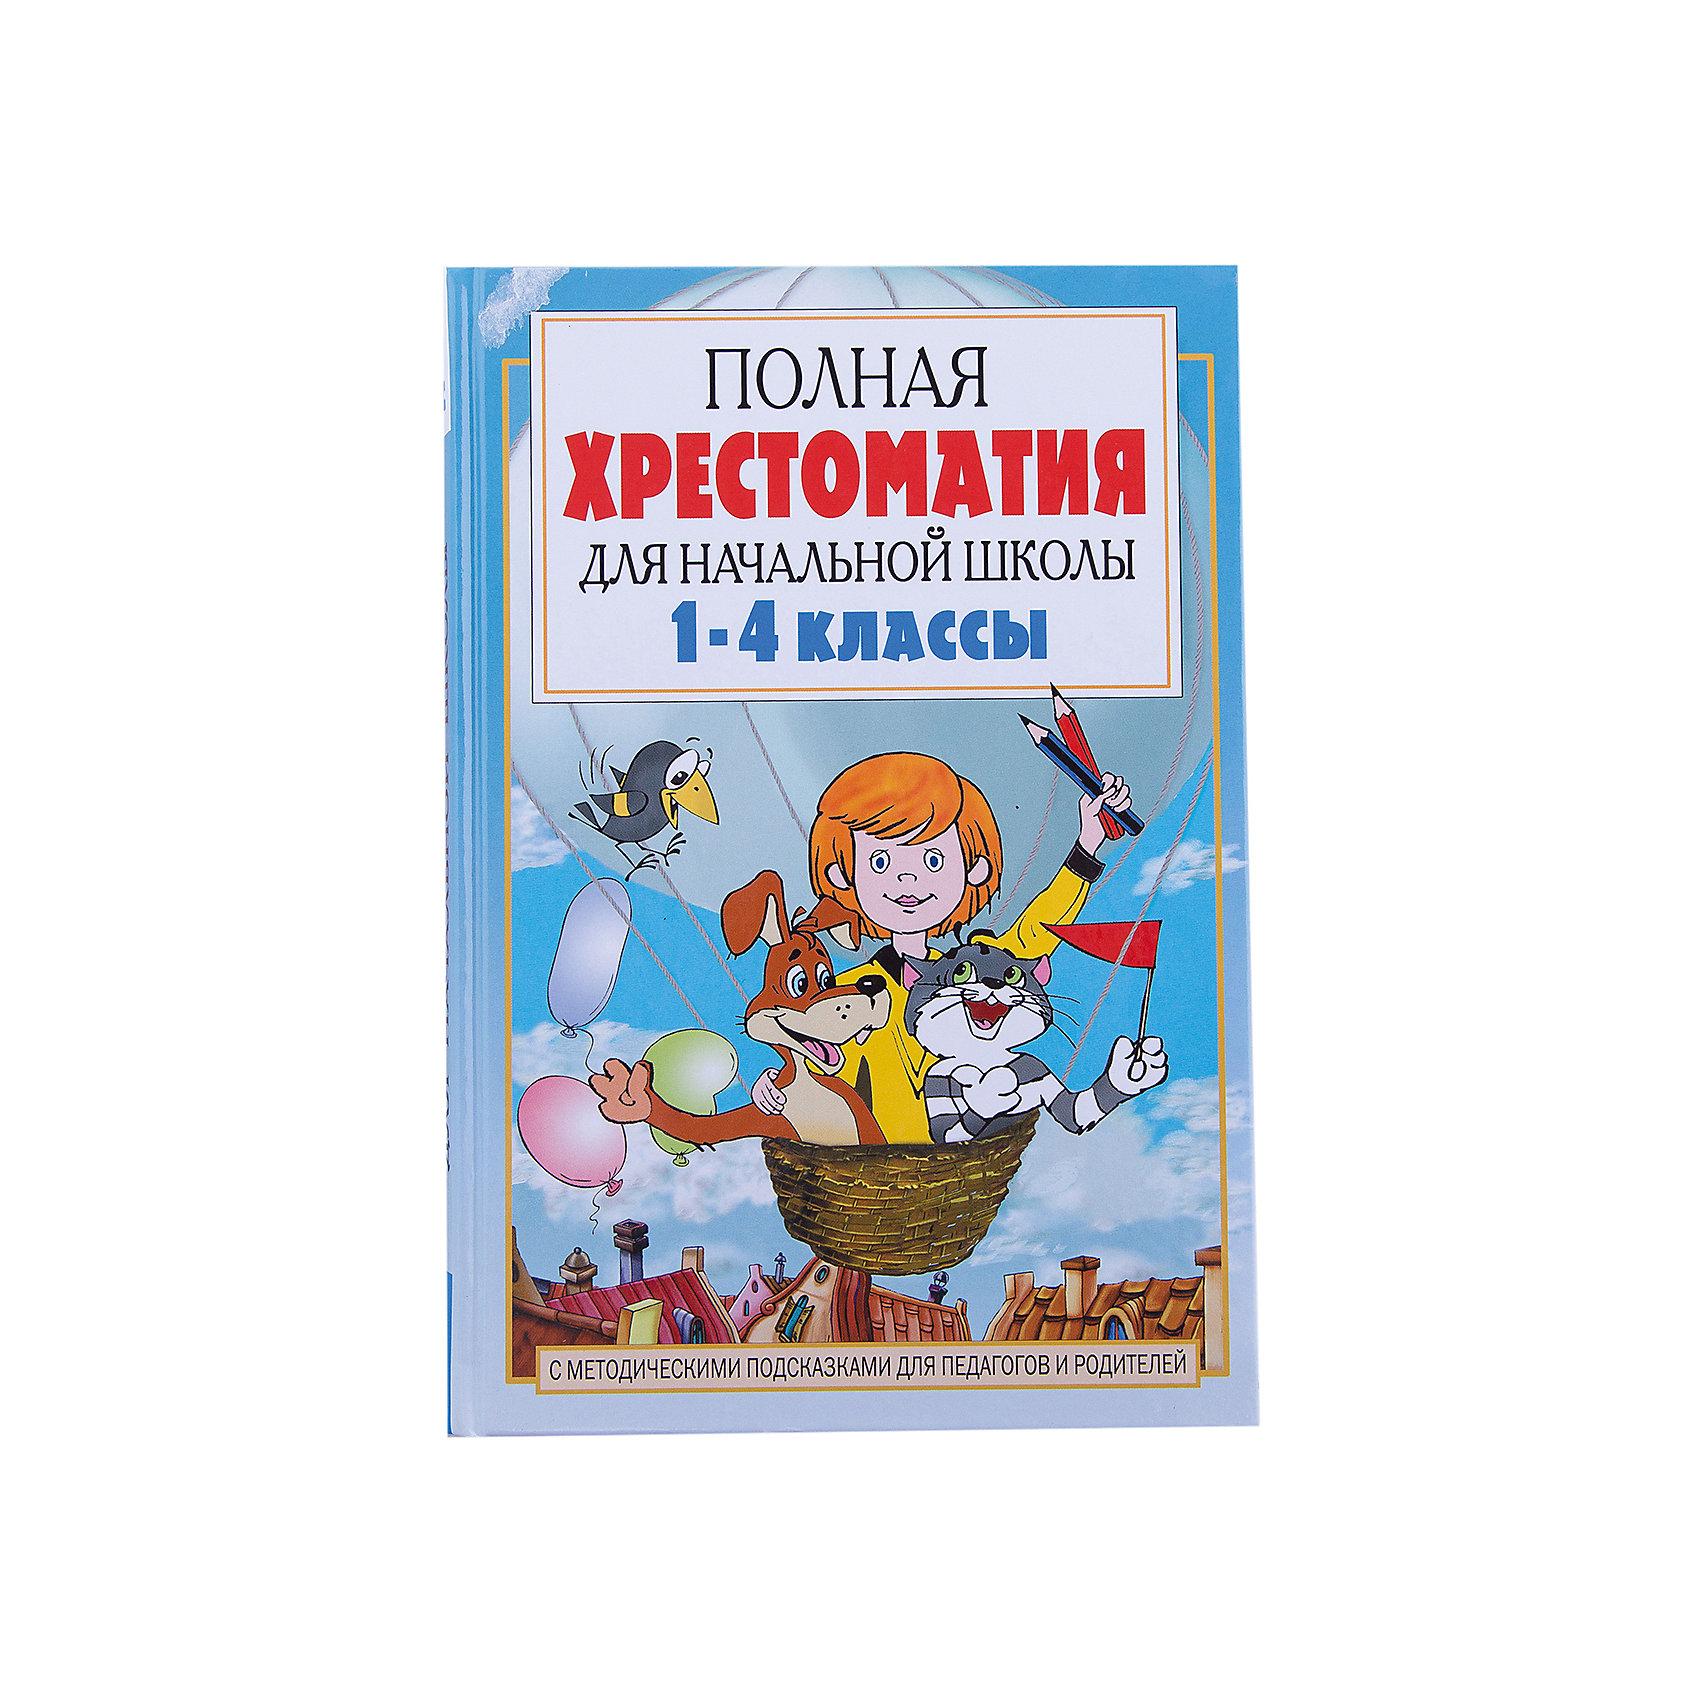 Полная хрестоматия для начальной школы, 1-4 классы, Книга 1Хрестоматии<br>У вас в руках «Полная хрестоматия для начальной школы с методическими подсказками». «Полная хрестоматия», конечно, не претендует на всю полноту охвата литературы для детей. Ее цель другая — как можно больше расширить круг чтения младшего школьника. Поэтому в нее включены произведения разных тем, жанров и направлений, в ней представлены авторы разных стран. Хрестоматия предназначена для учащихся начальной школы. Тексты отобраны в соответствии с возрастом детей и сгруппированы в шесть жанрово-тематических разделов. <br>Книга позволяет развивать интерес ребенка к чтению художественной литературы, воображение, умение творчески интерпретировать прочитанное, формировать навык чтения. Все разделы книги снабжены методическими рекомендациями для педагогов и родителей, вводными статьями и краткой информацией об авторах. В конце каждого раздела помещены контрольные вопросы, которые помогут юному читателю разобраться в содержании и особенностях художественной формы предлагаемых текстов.<br>Для младшего школьного возраста.<br><br>Ширина мм: 235<br>Глубина мм: 162<br>Высота мм: 160<br>Вес г: 73<br>Возраст от месяцев: 84<br>Возраст до месяцев: 2147483647<br>Пол: Унисекс<br>Возраст: Детский<br>SKU: 6848316